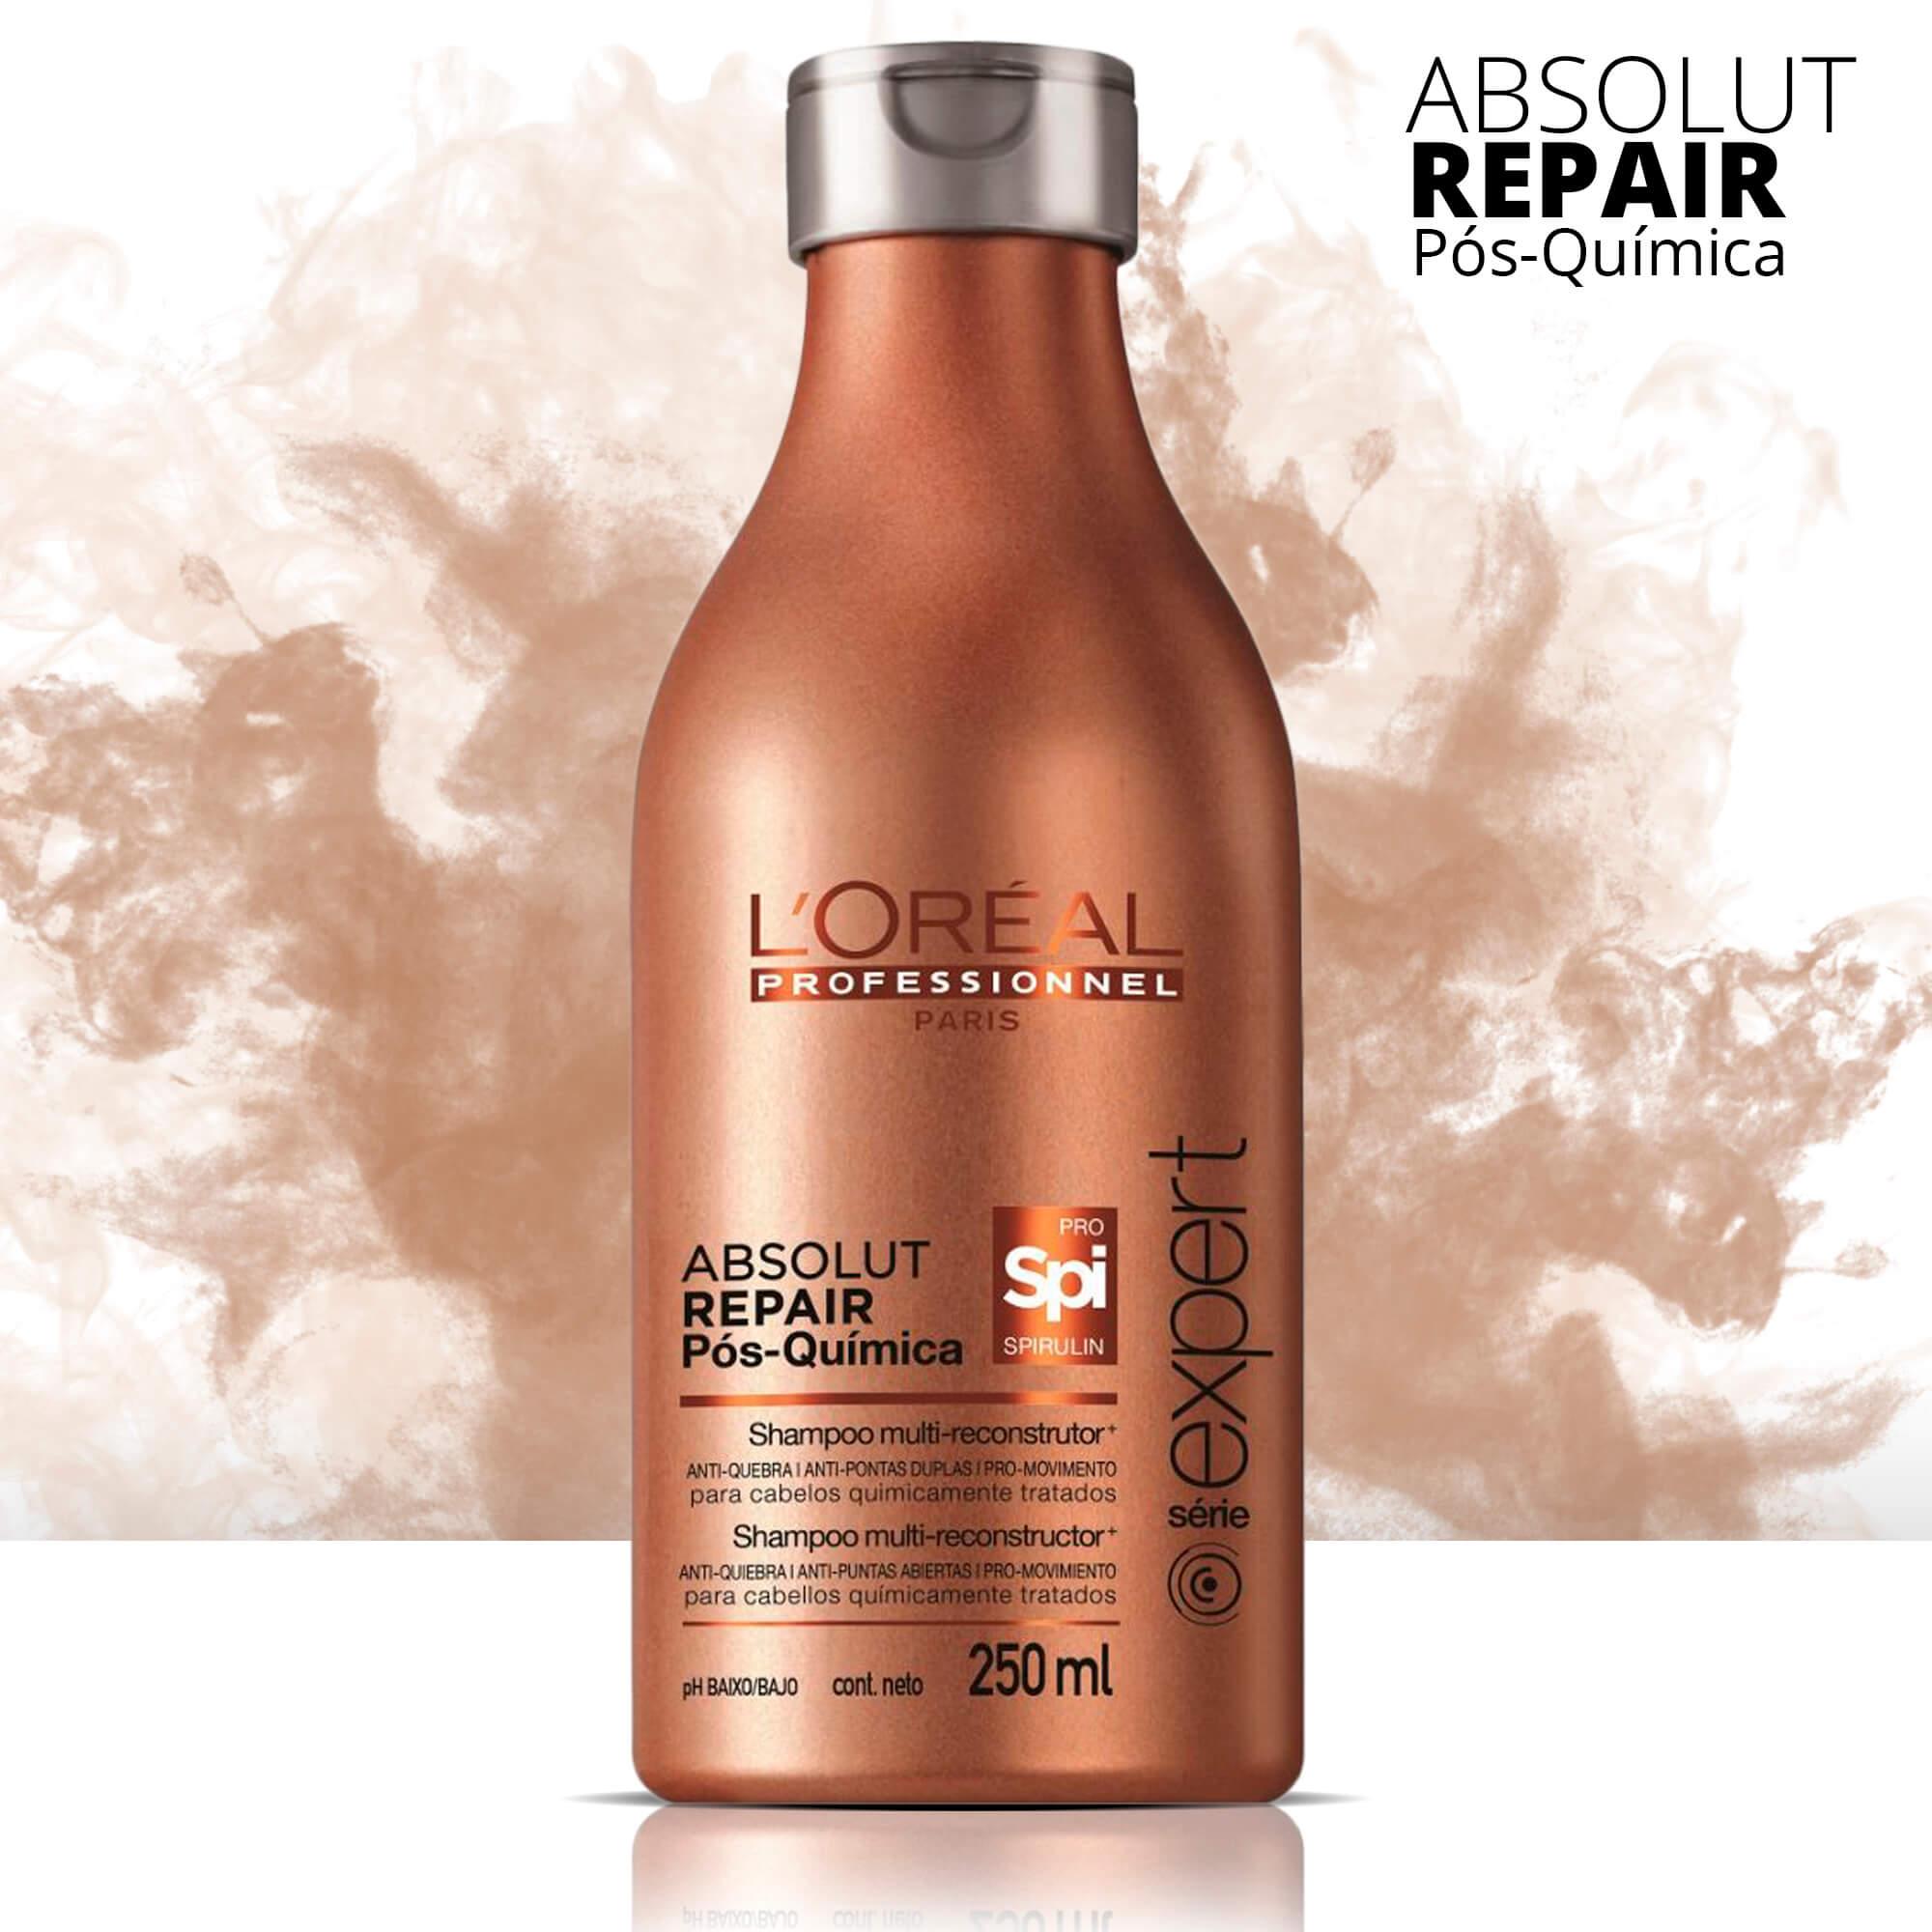 Shampoo L'Oréal Repair Pós-química - 250ml